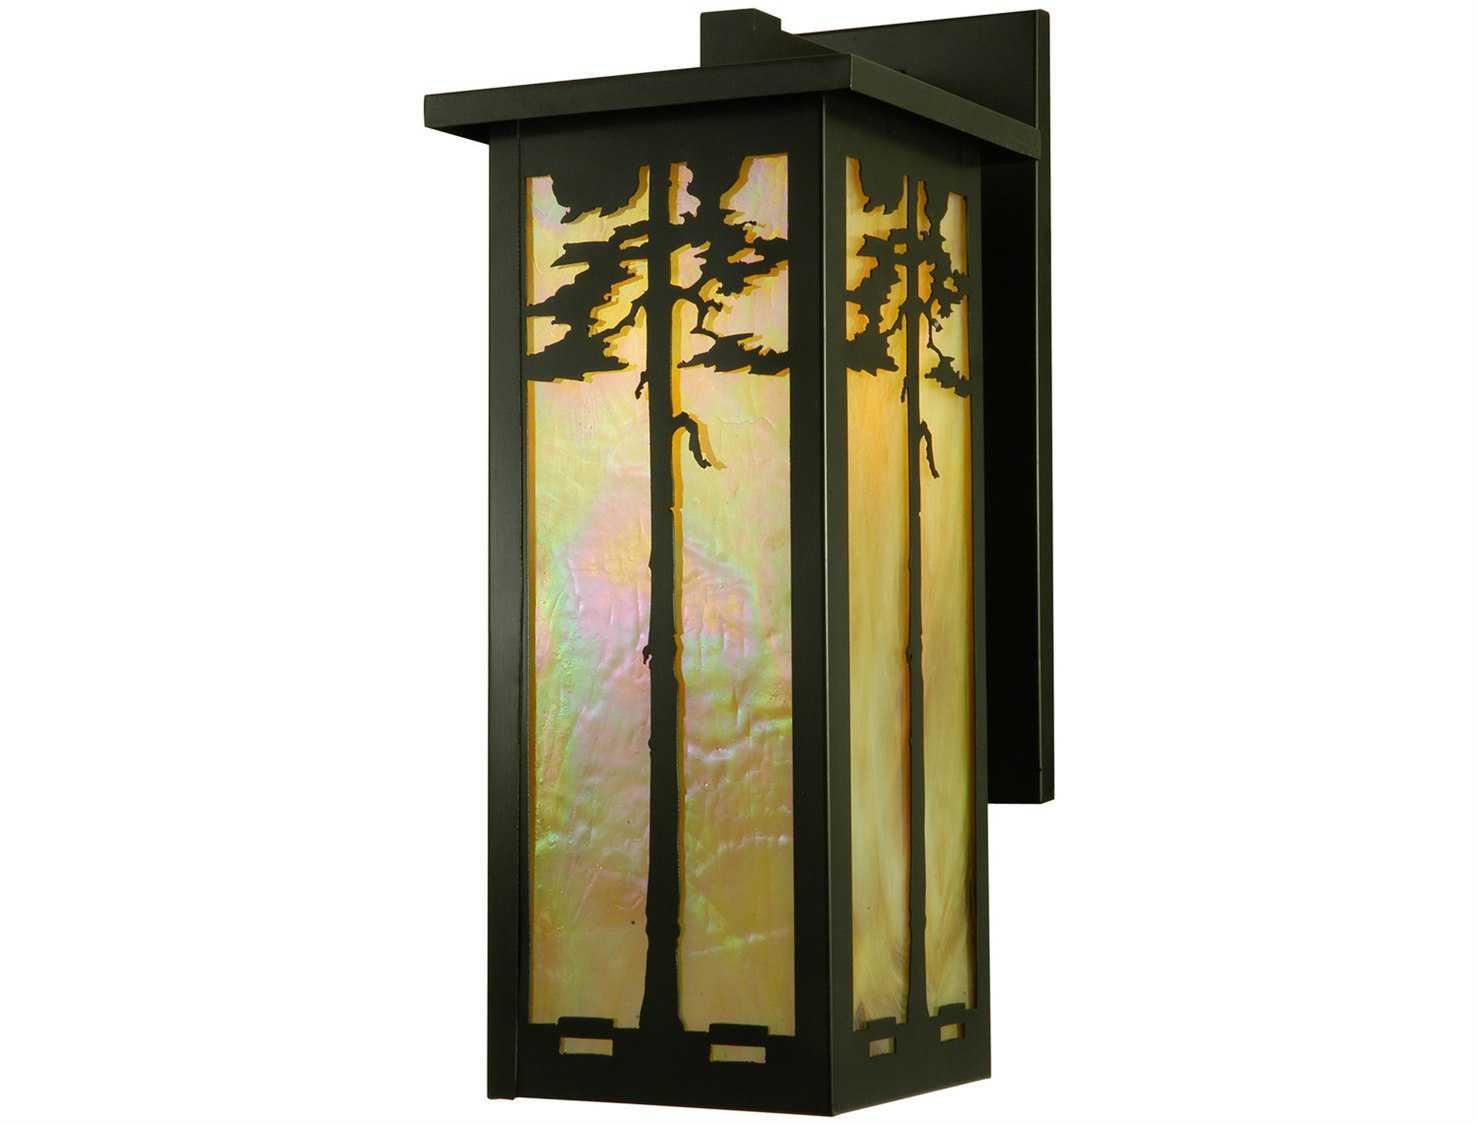 Meyda Tiffany Tamarack Outdoor Wall Light 137145